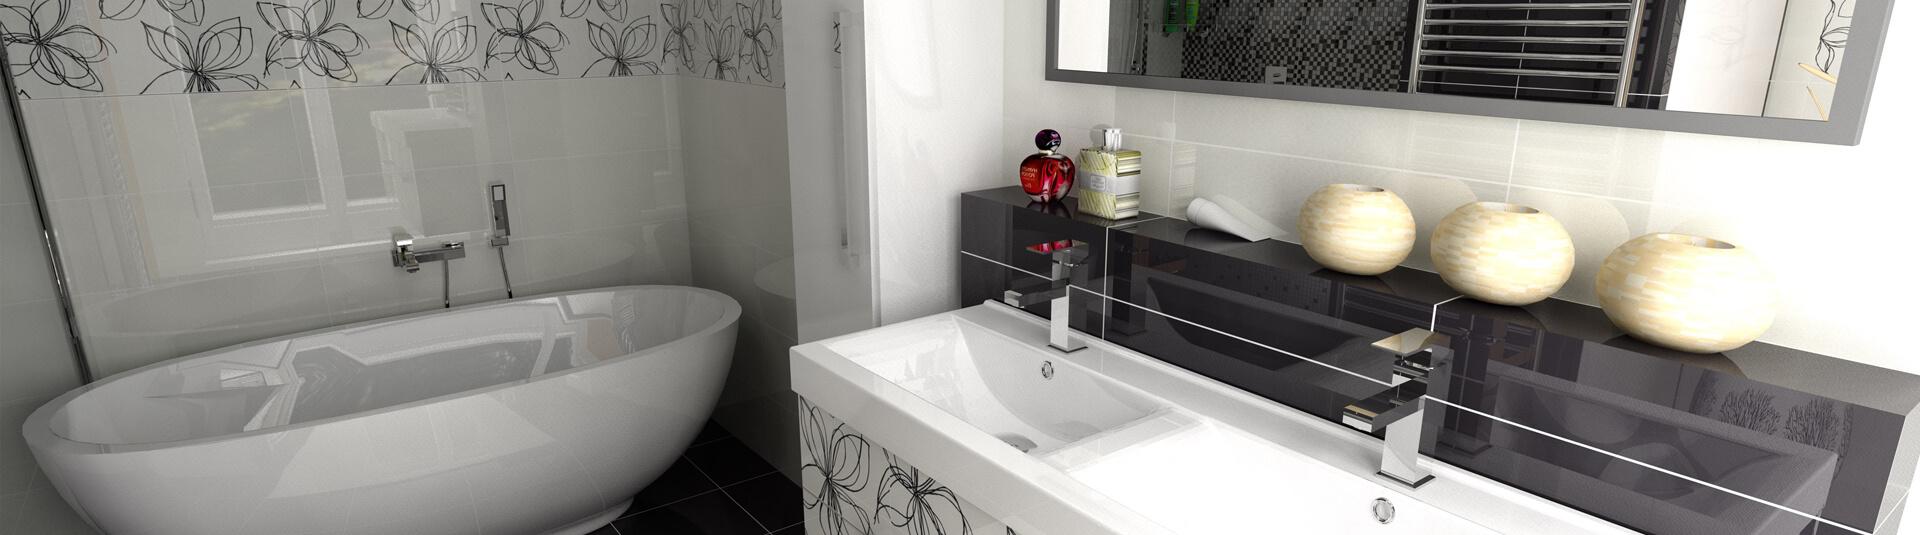 Baterie pro každou domácnost, koupelnu či prádelnu. Výborný poměr ceny a kvality..